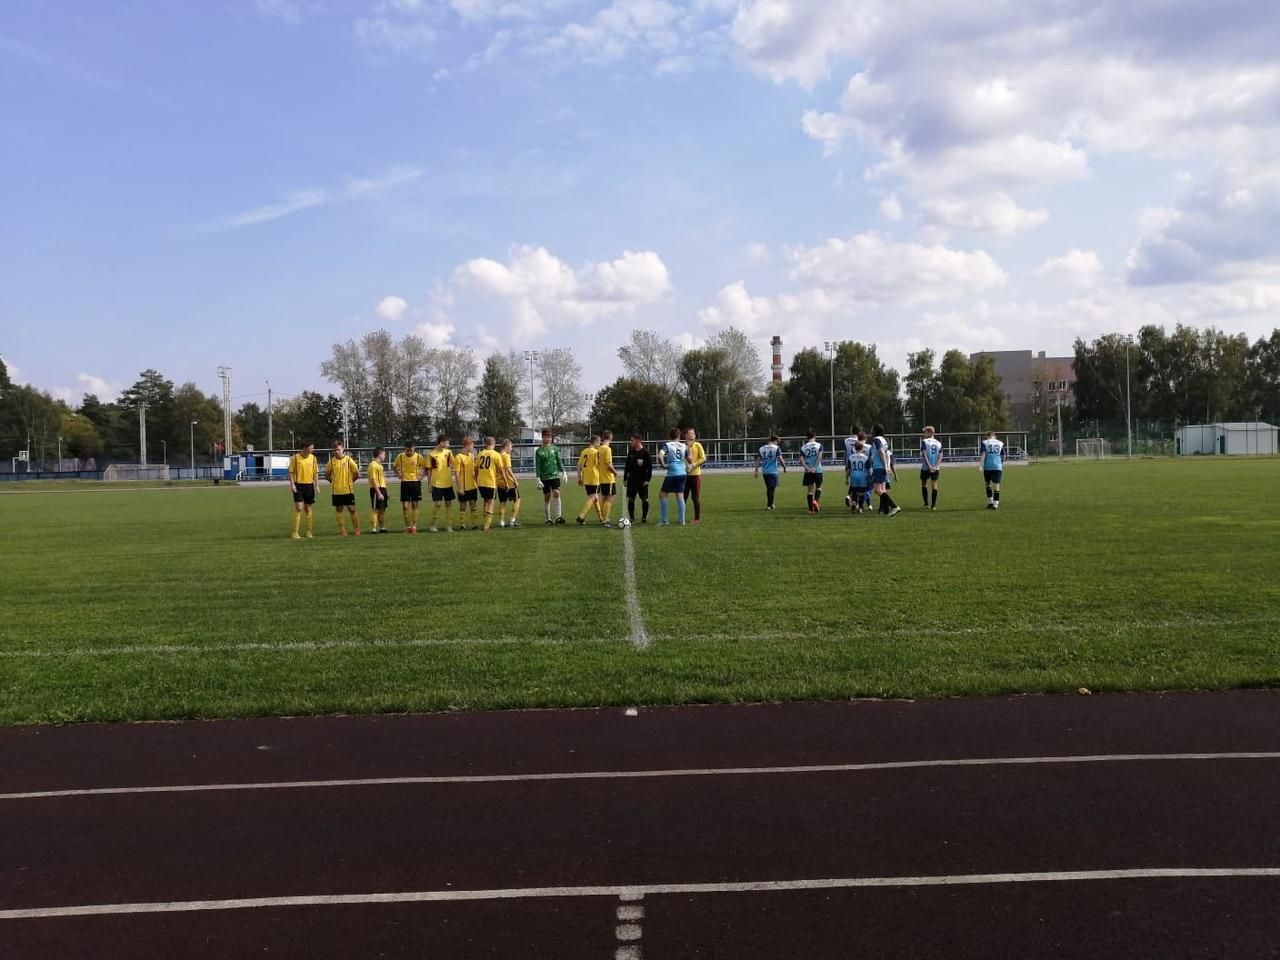 12 сентября на Стадионе им. А. Гринина состоялась игра Первенства МО по футболу среди юношеских команд.